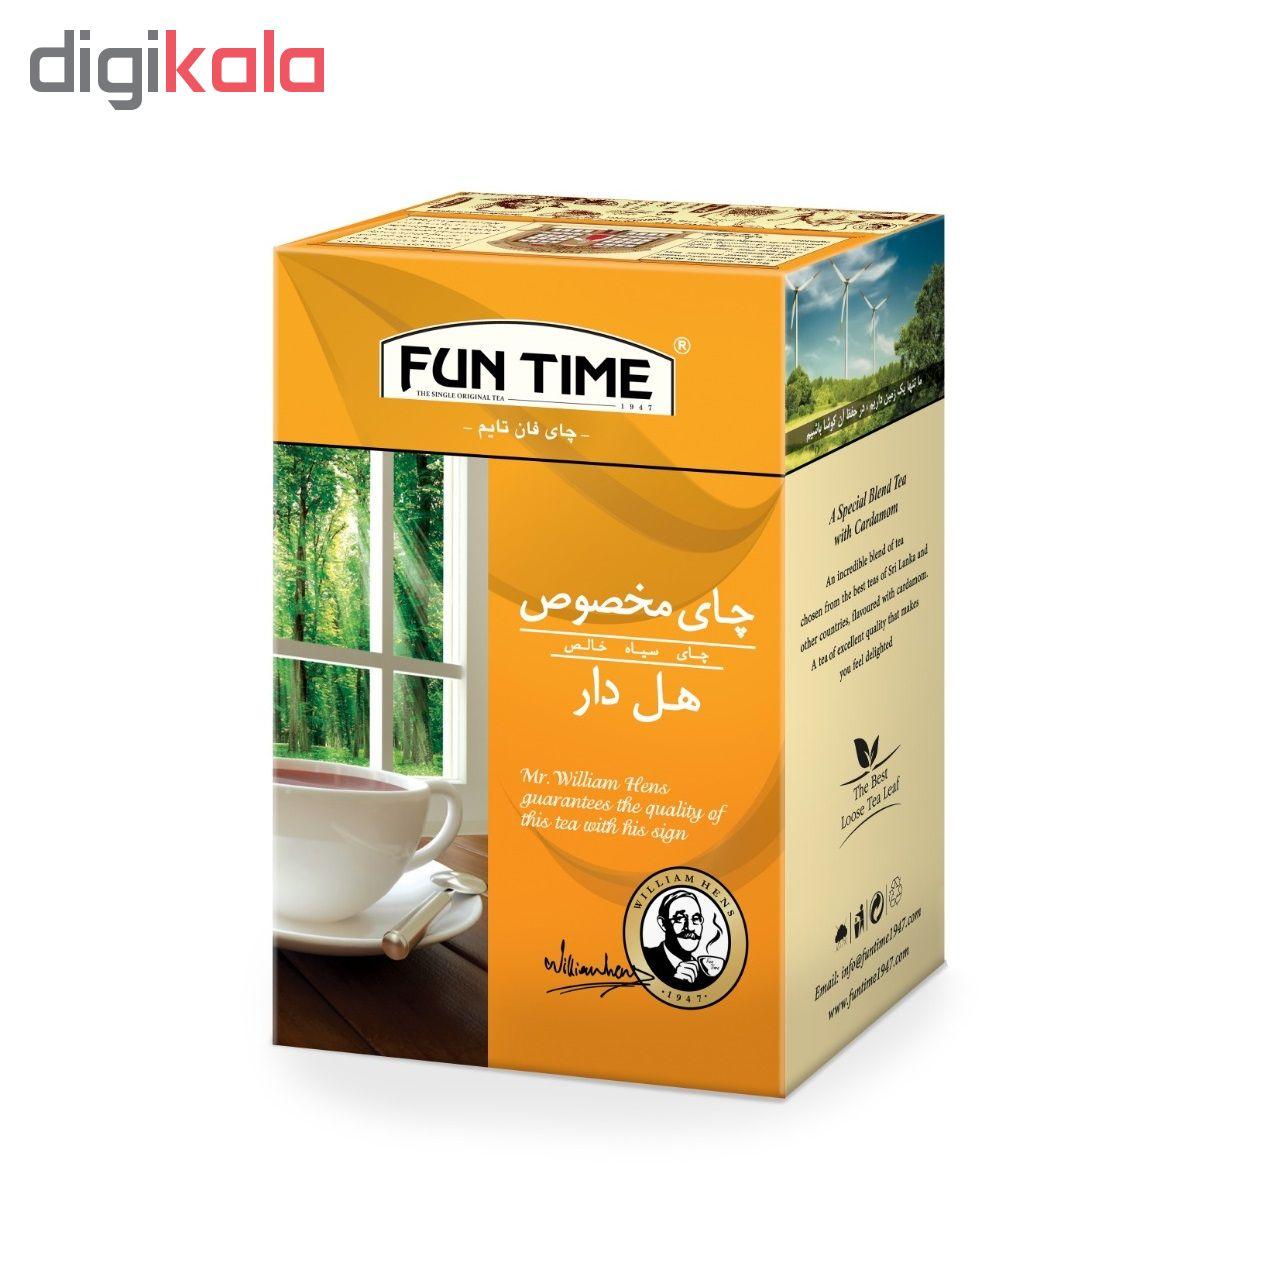 چای مخصوص هل دار فان تایم وزن 450 گرم